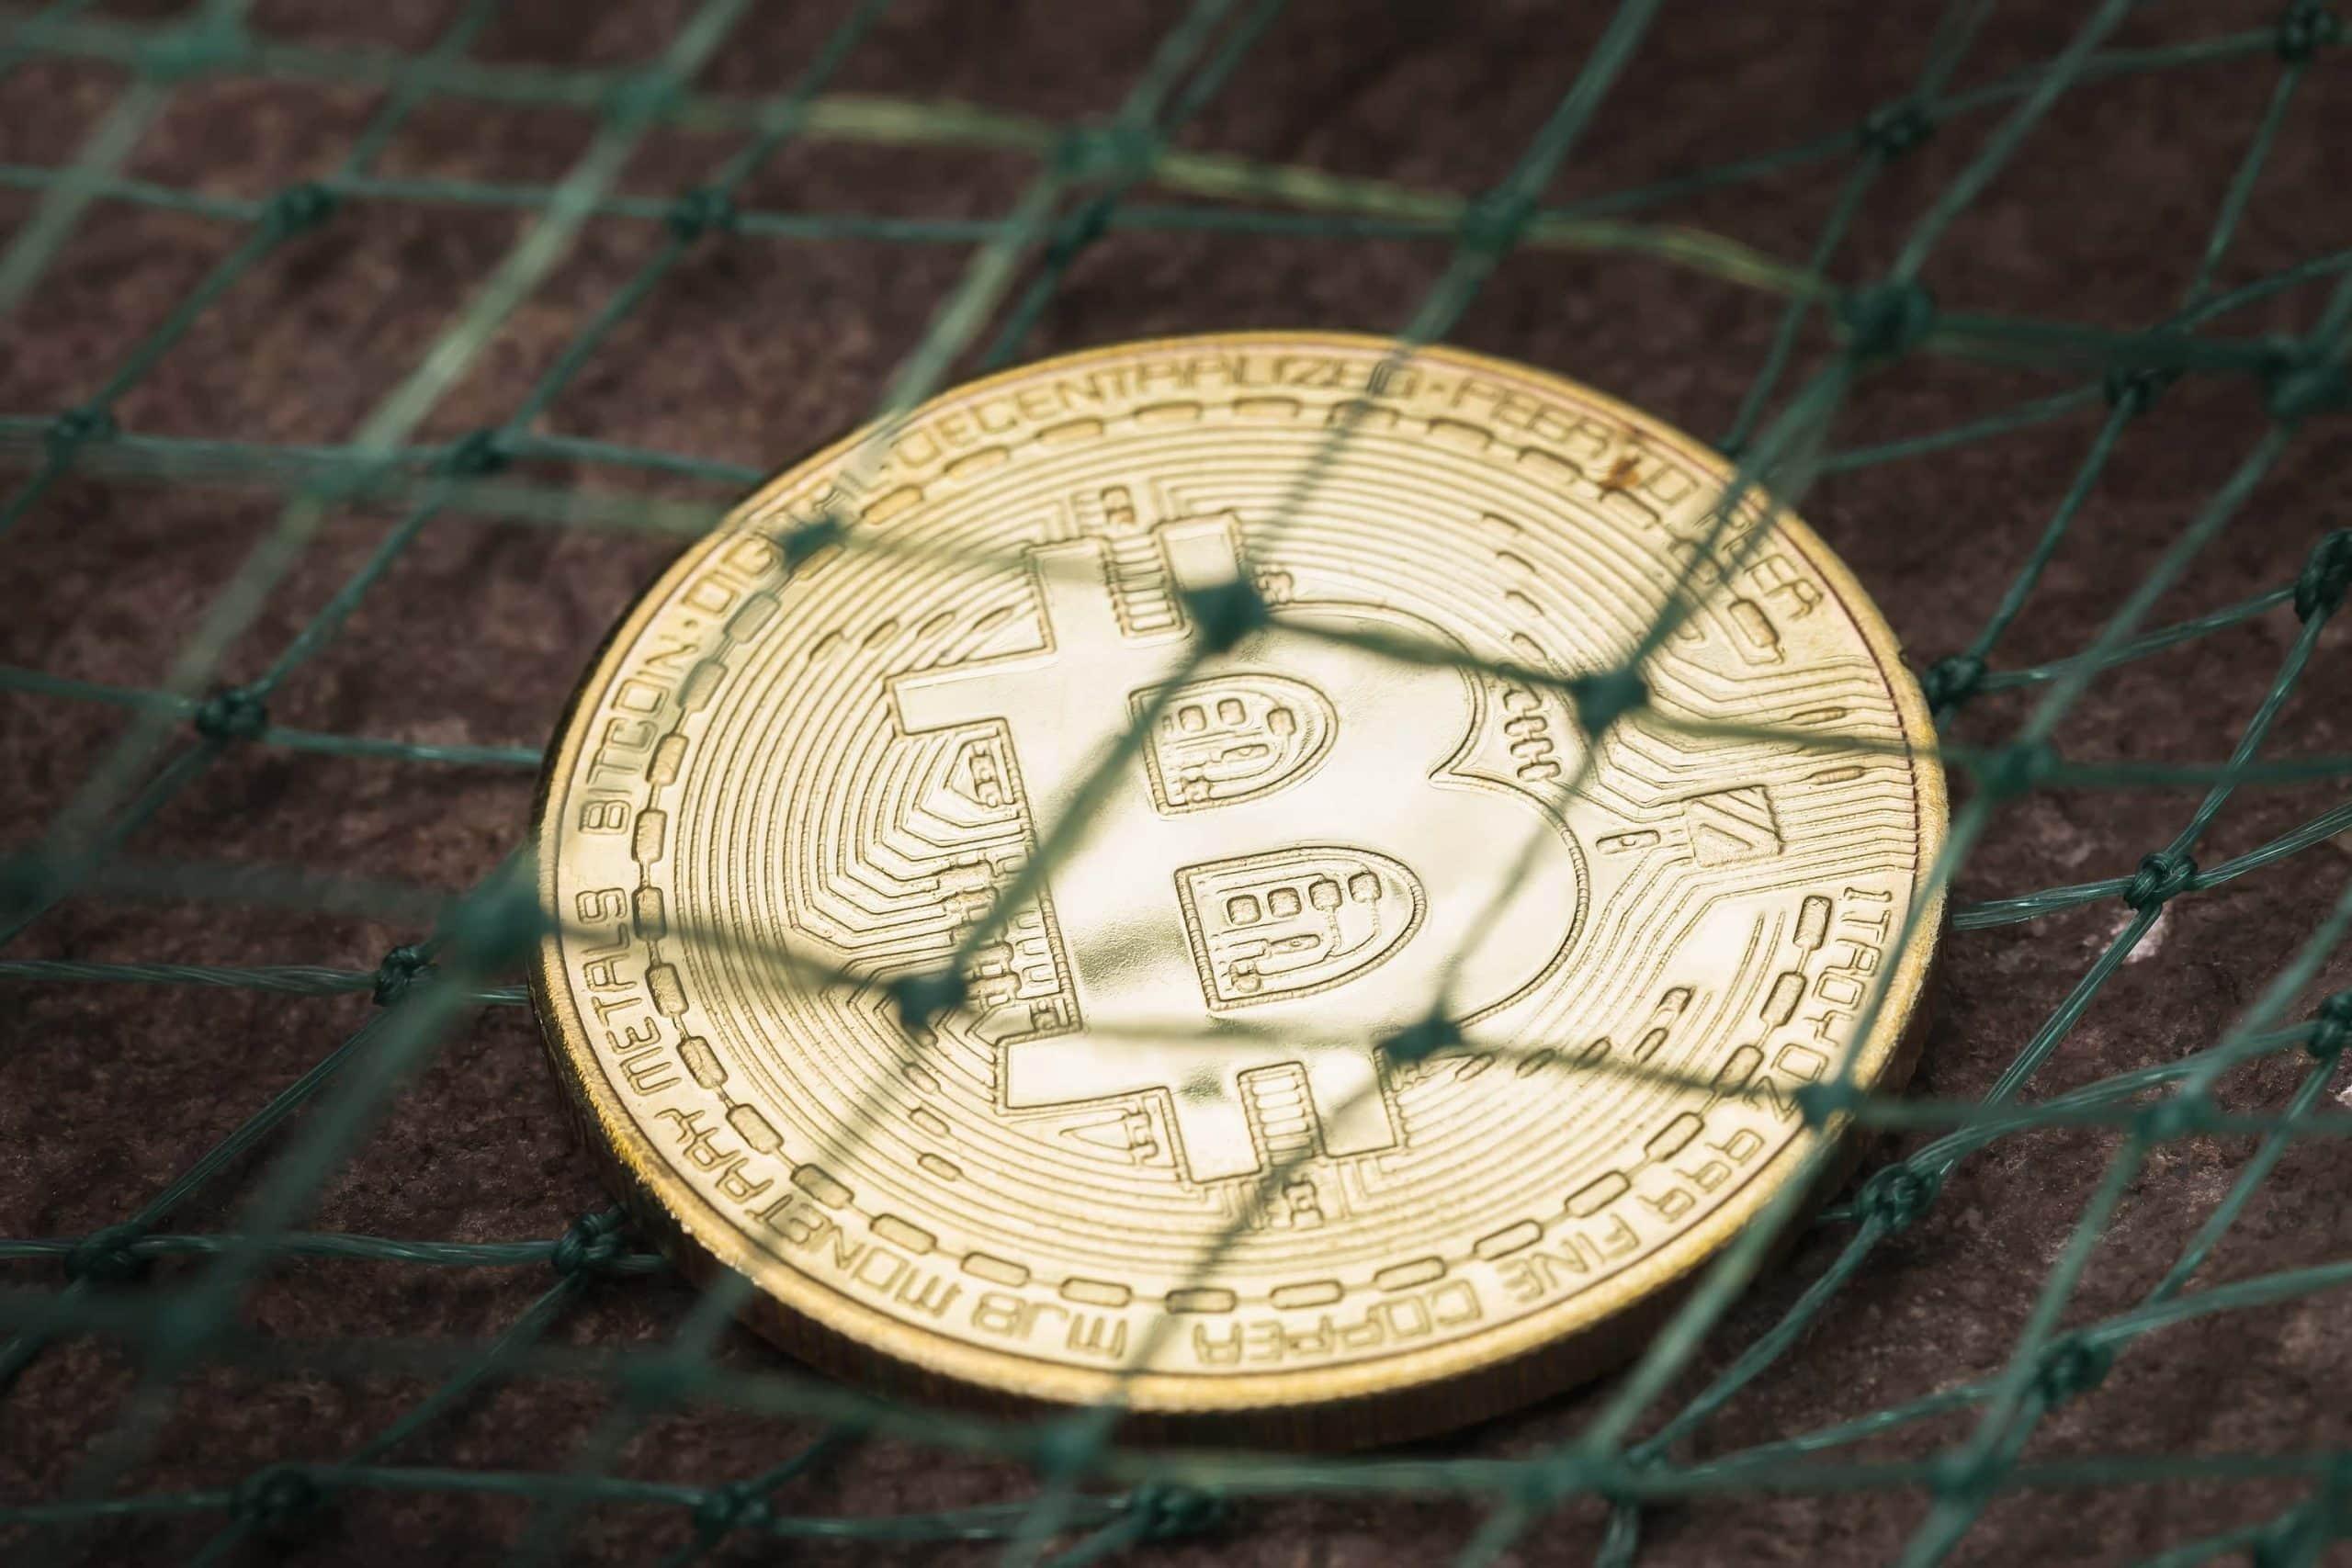 Bitcoin-Münze in einem Netz